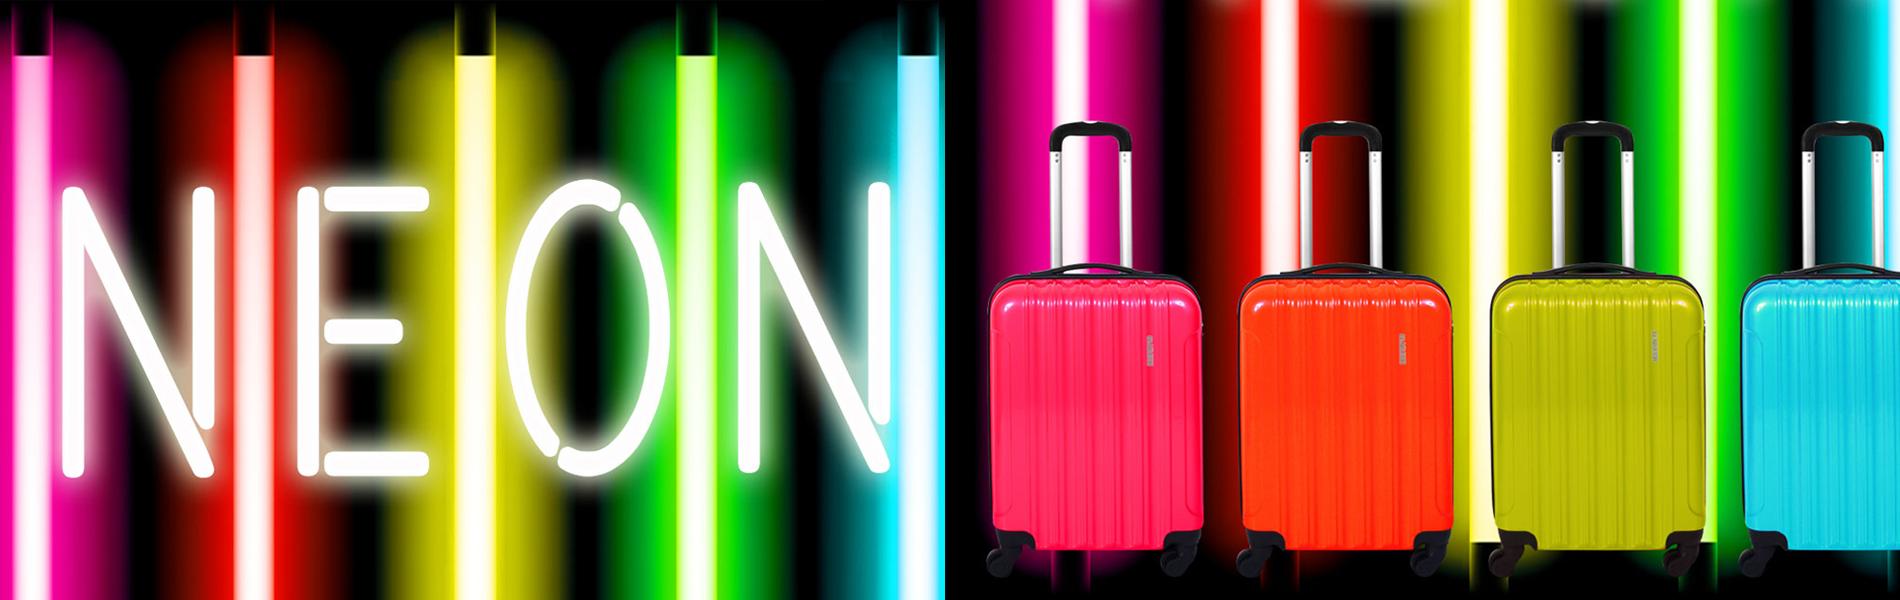 Maletas Neon